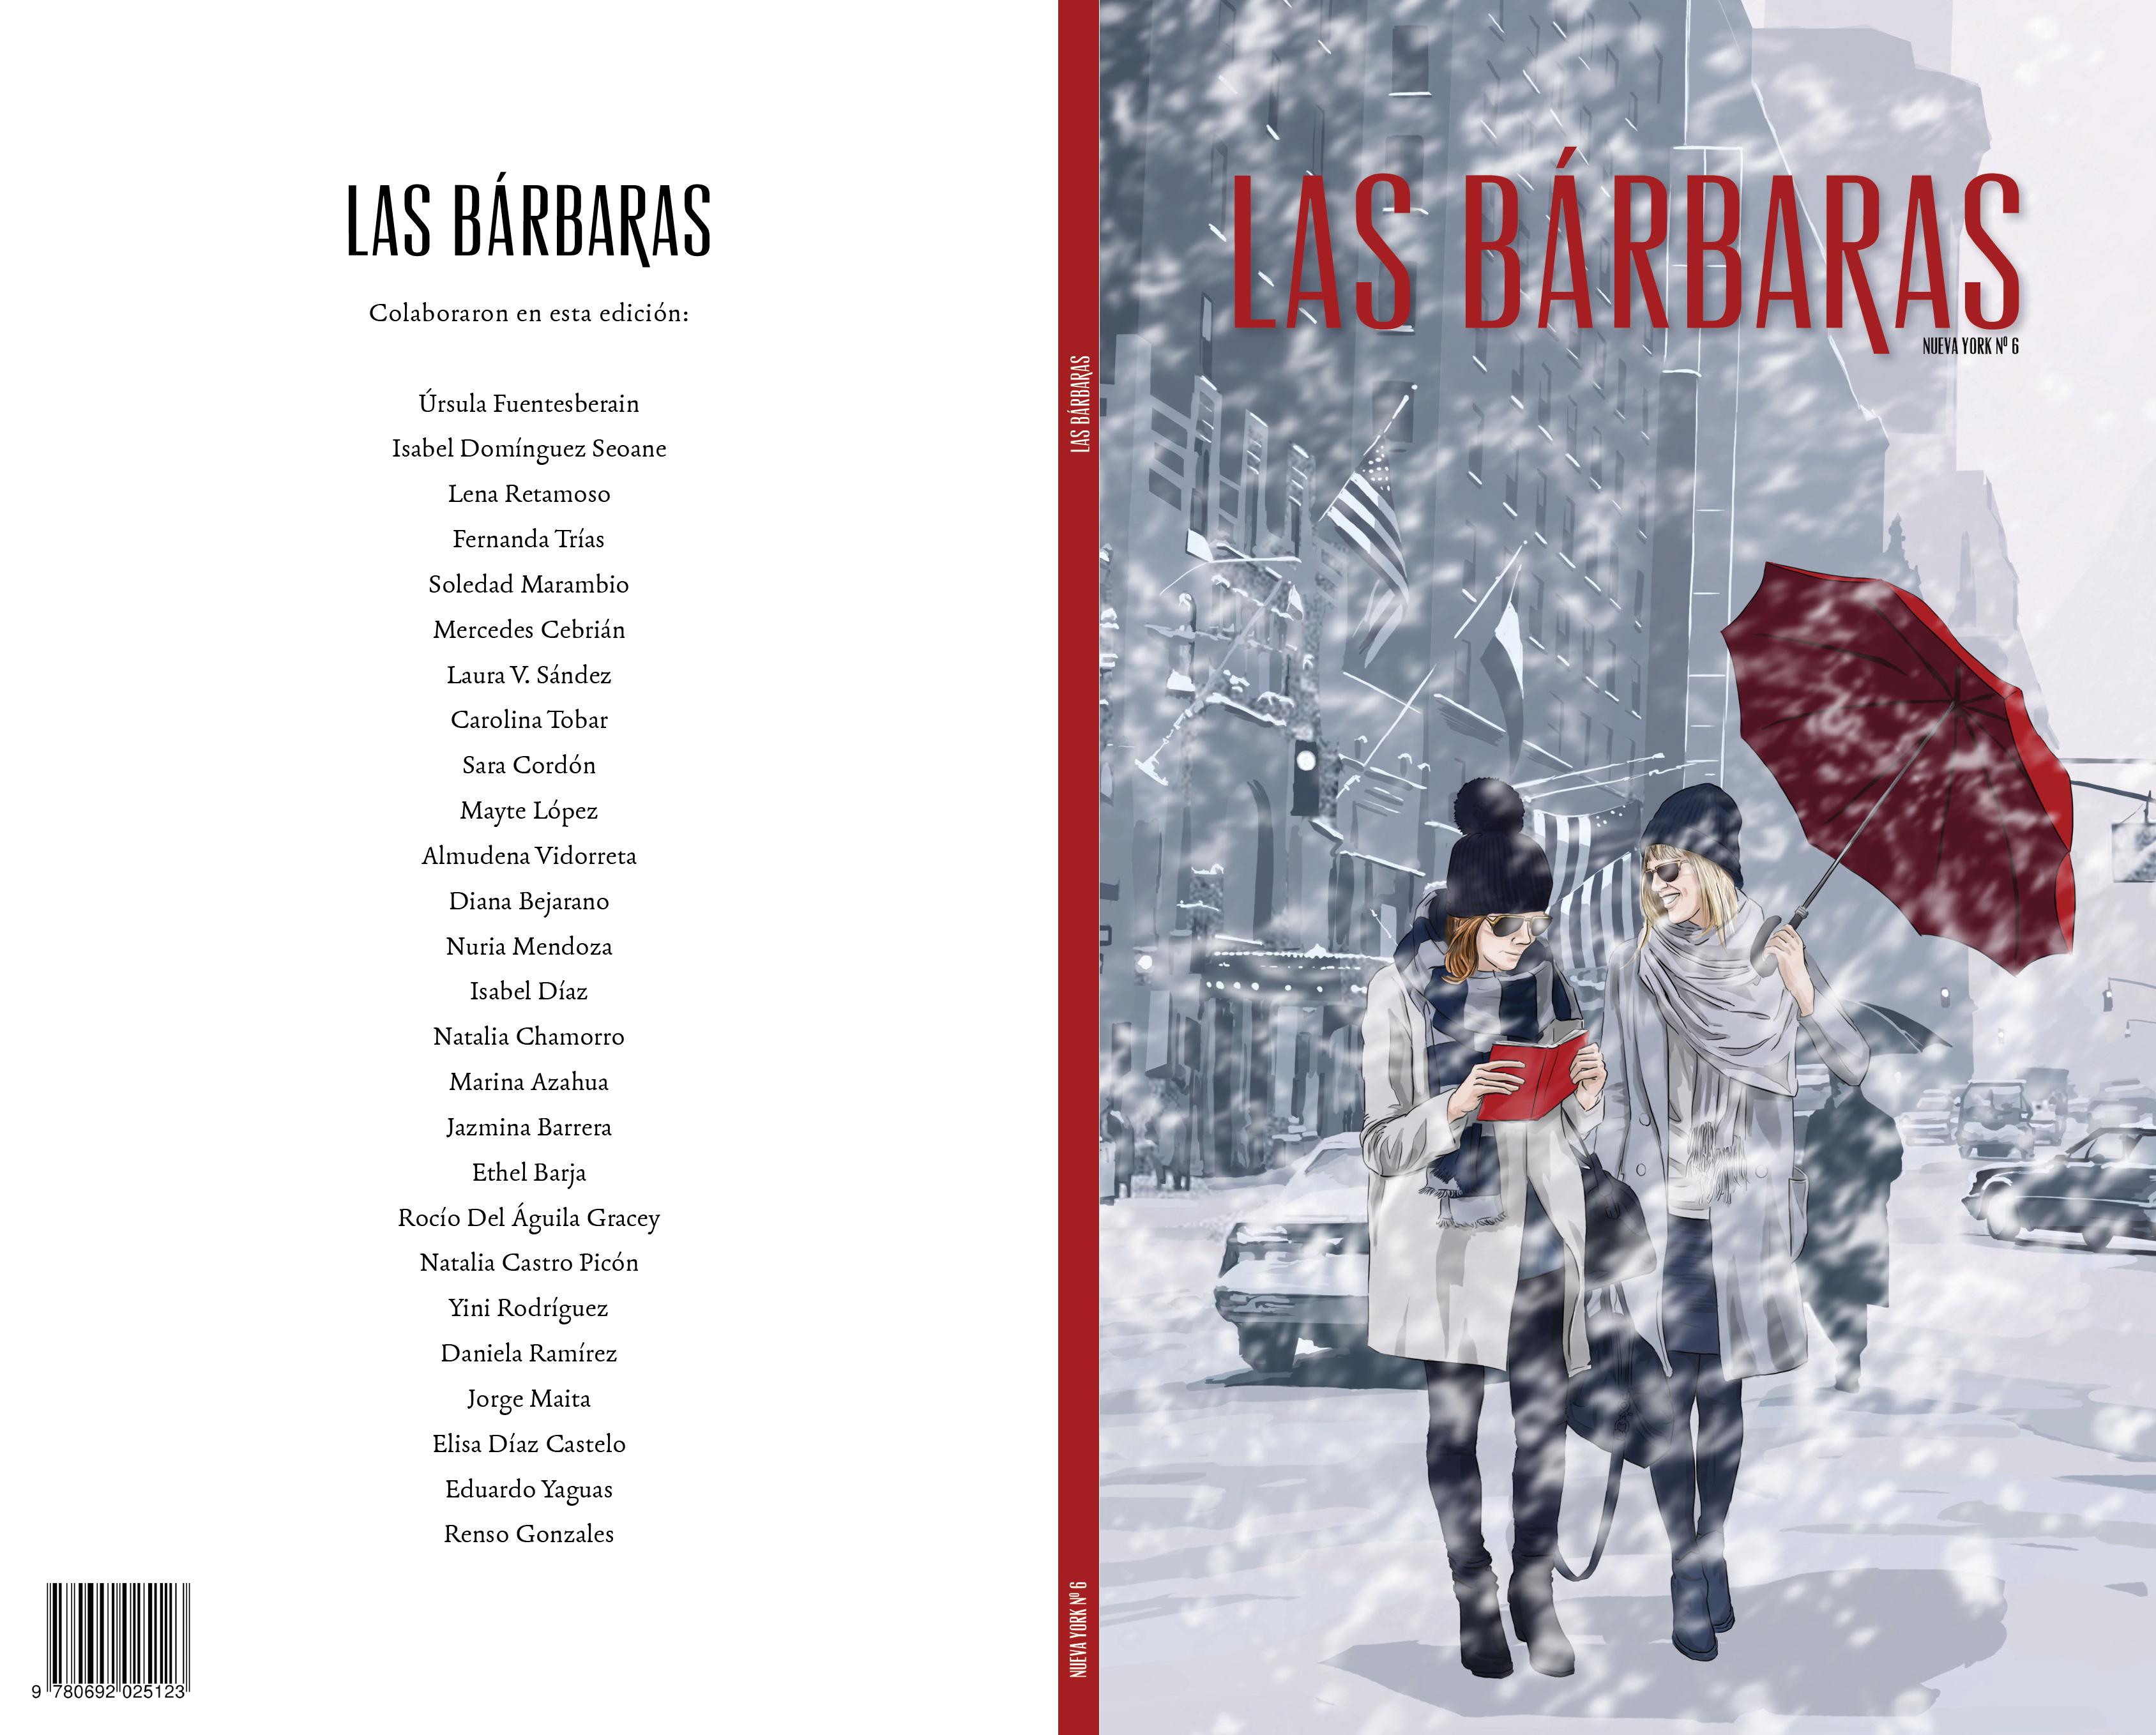 LAS BARBARAS